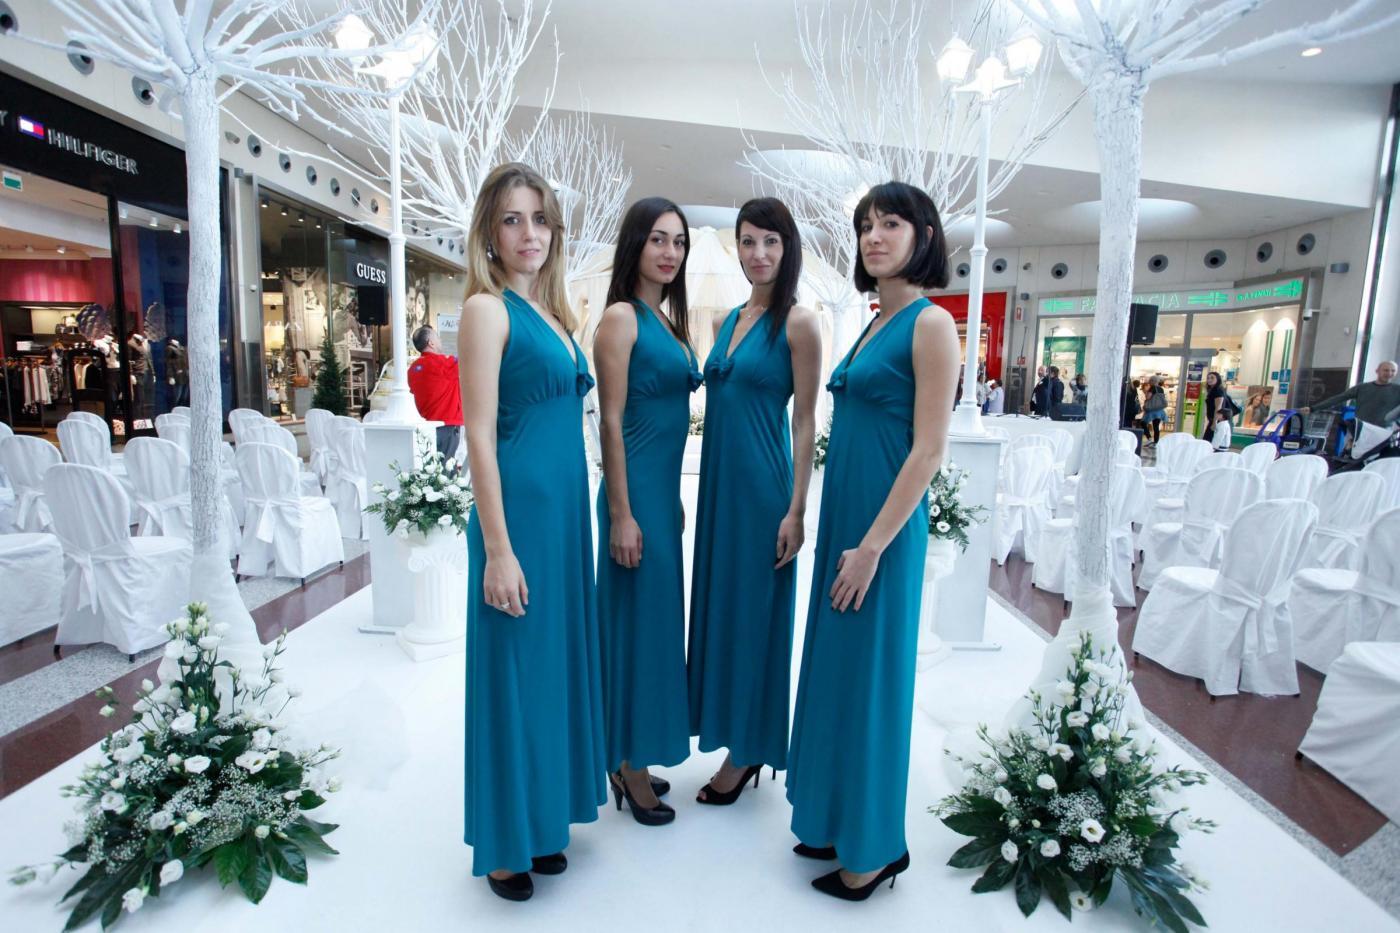 Si sposano nel centro commerciale del primo incontro: è la prima volta in Italia13